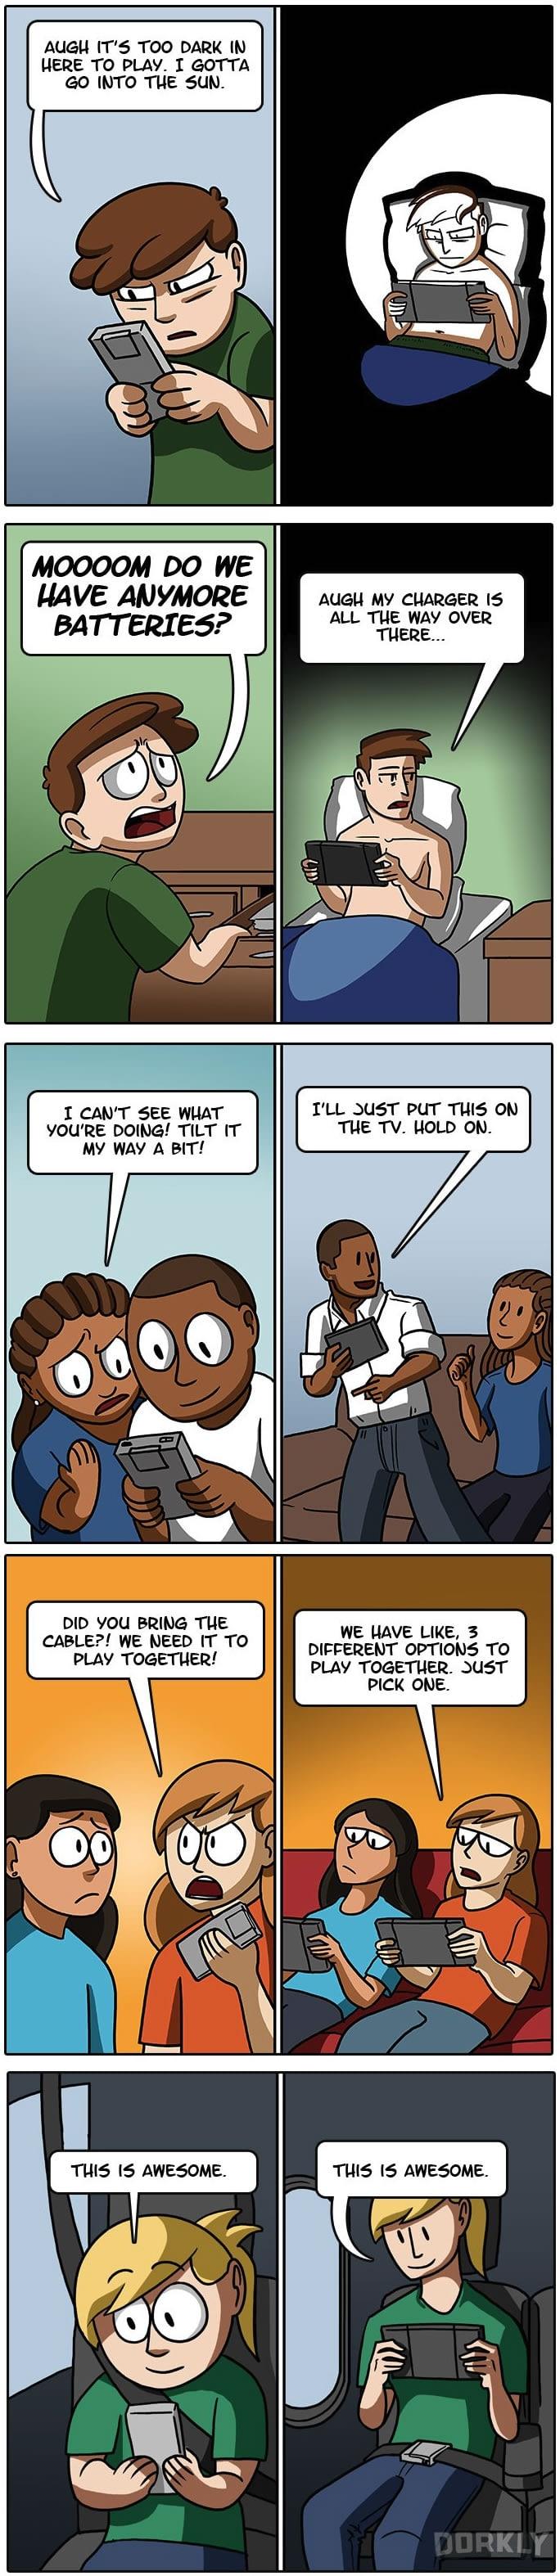 Nintendo handhelds then vs now